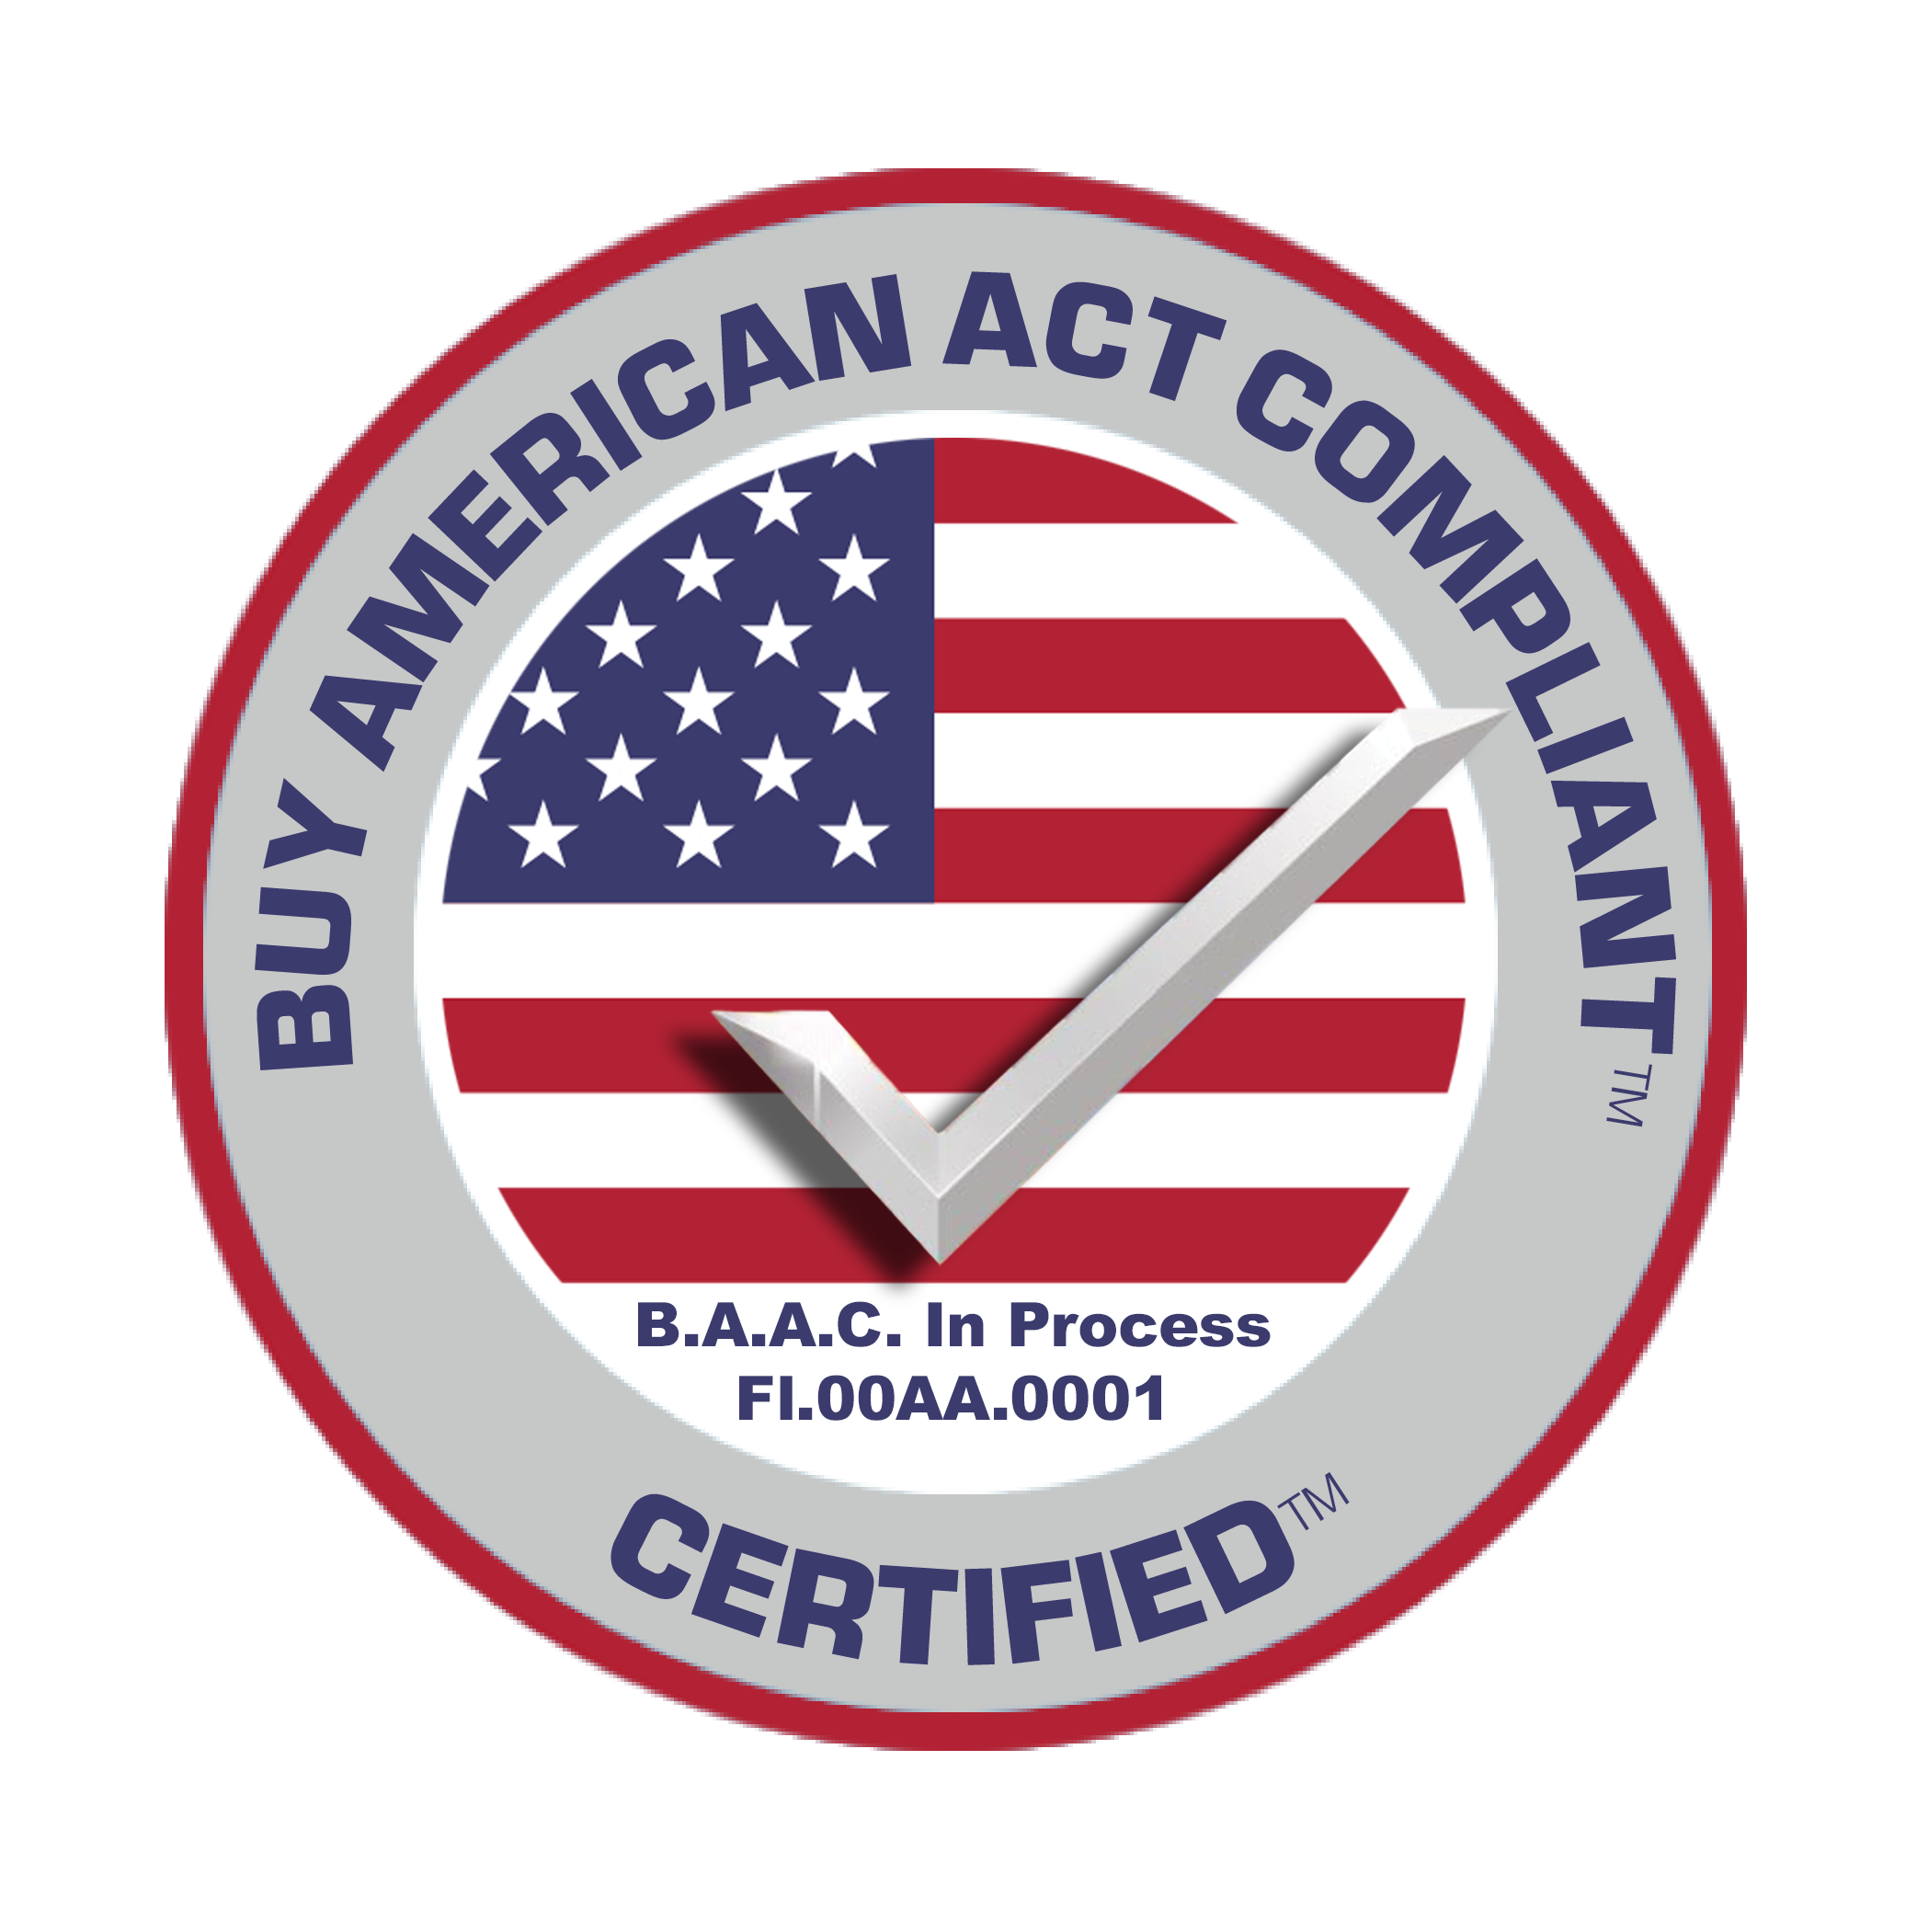 Buy American Act / E.O. 13788 Compliance Plans Due Today November 15, 2017